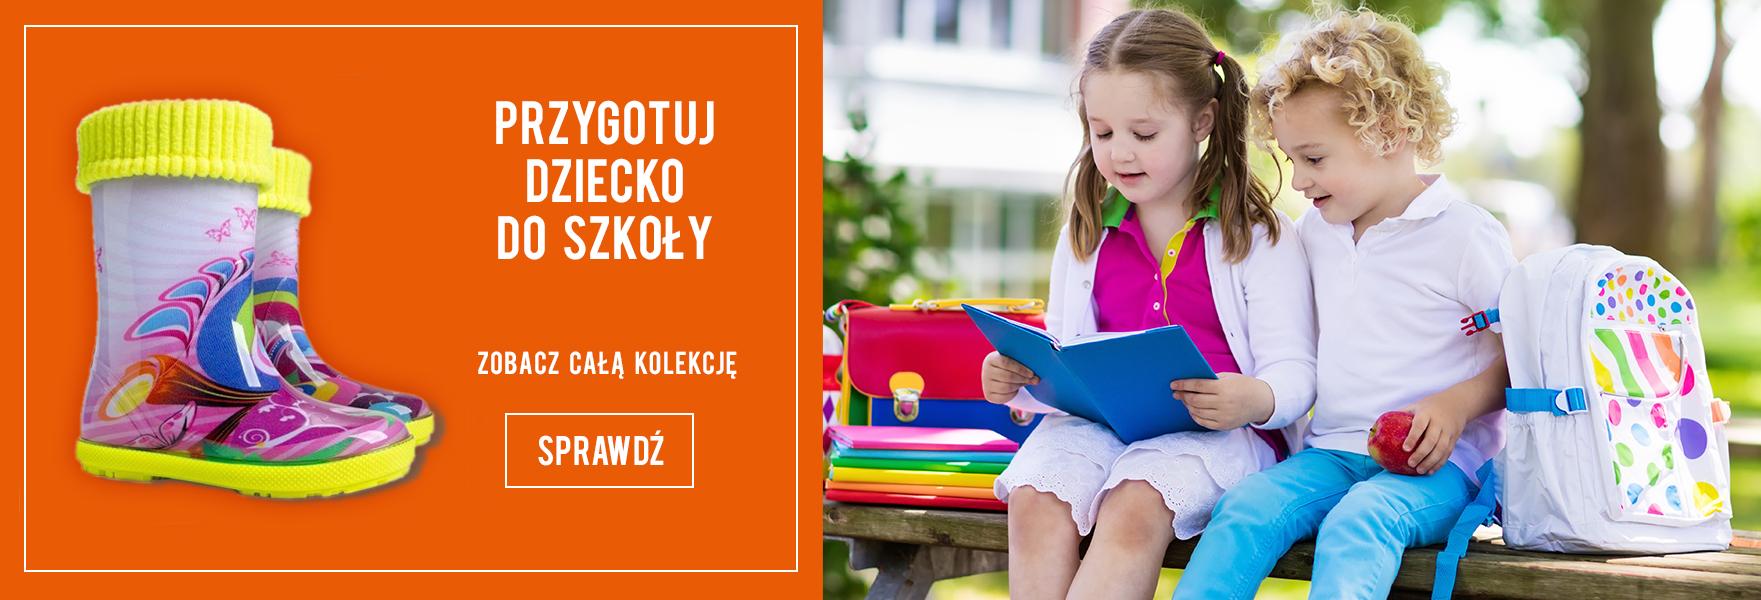 Przygotuj dziecko do szkoły